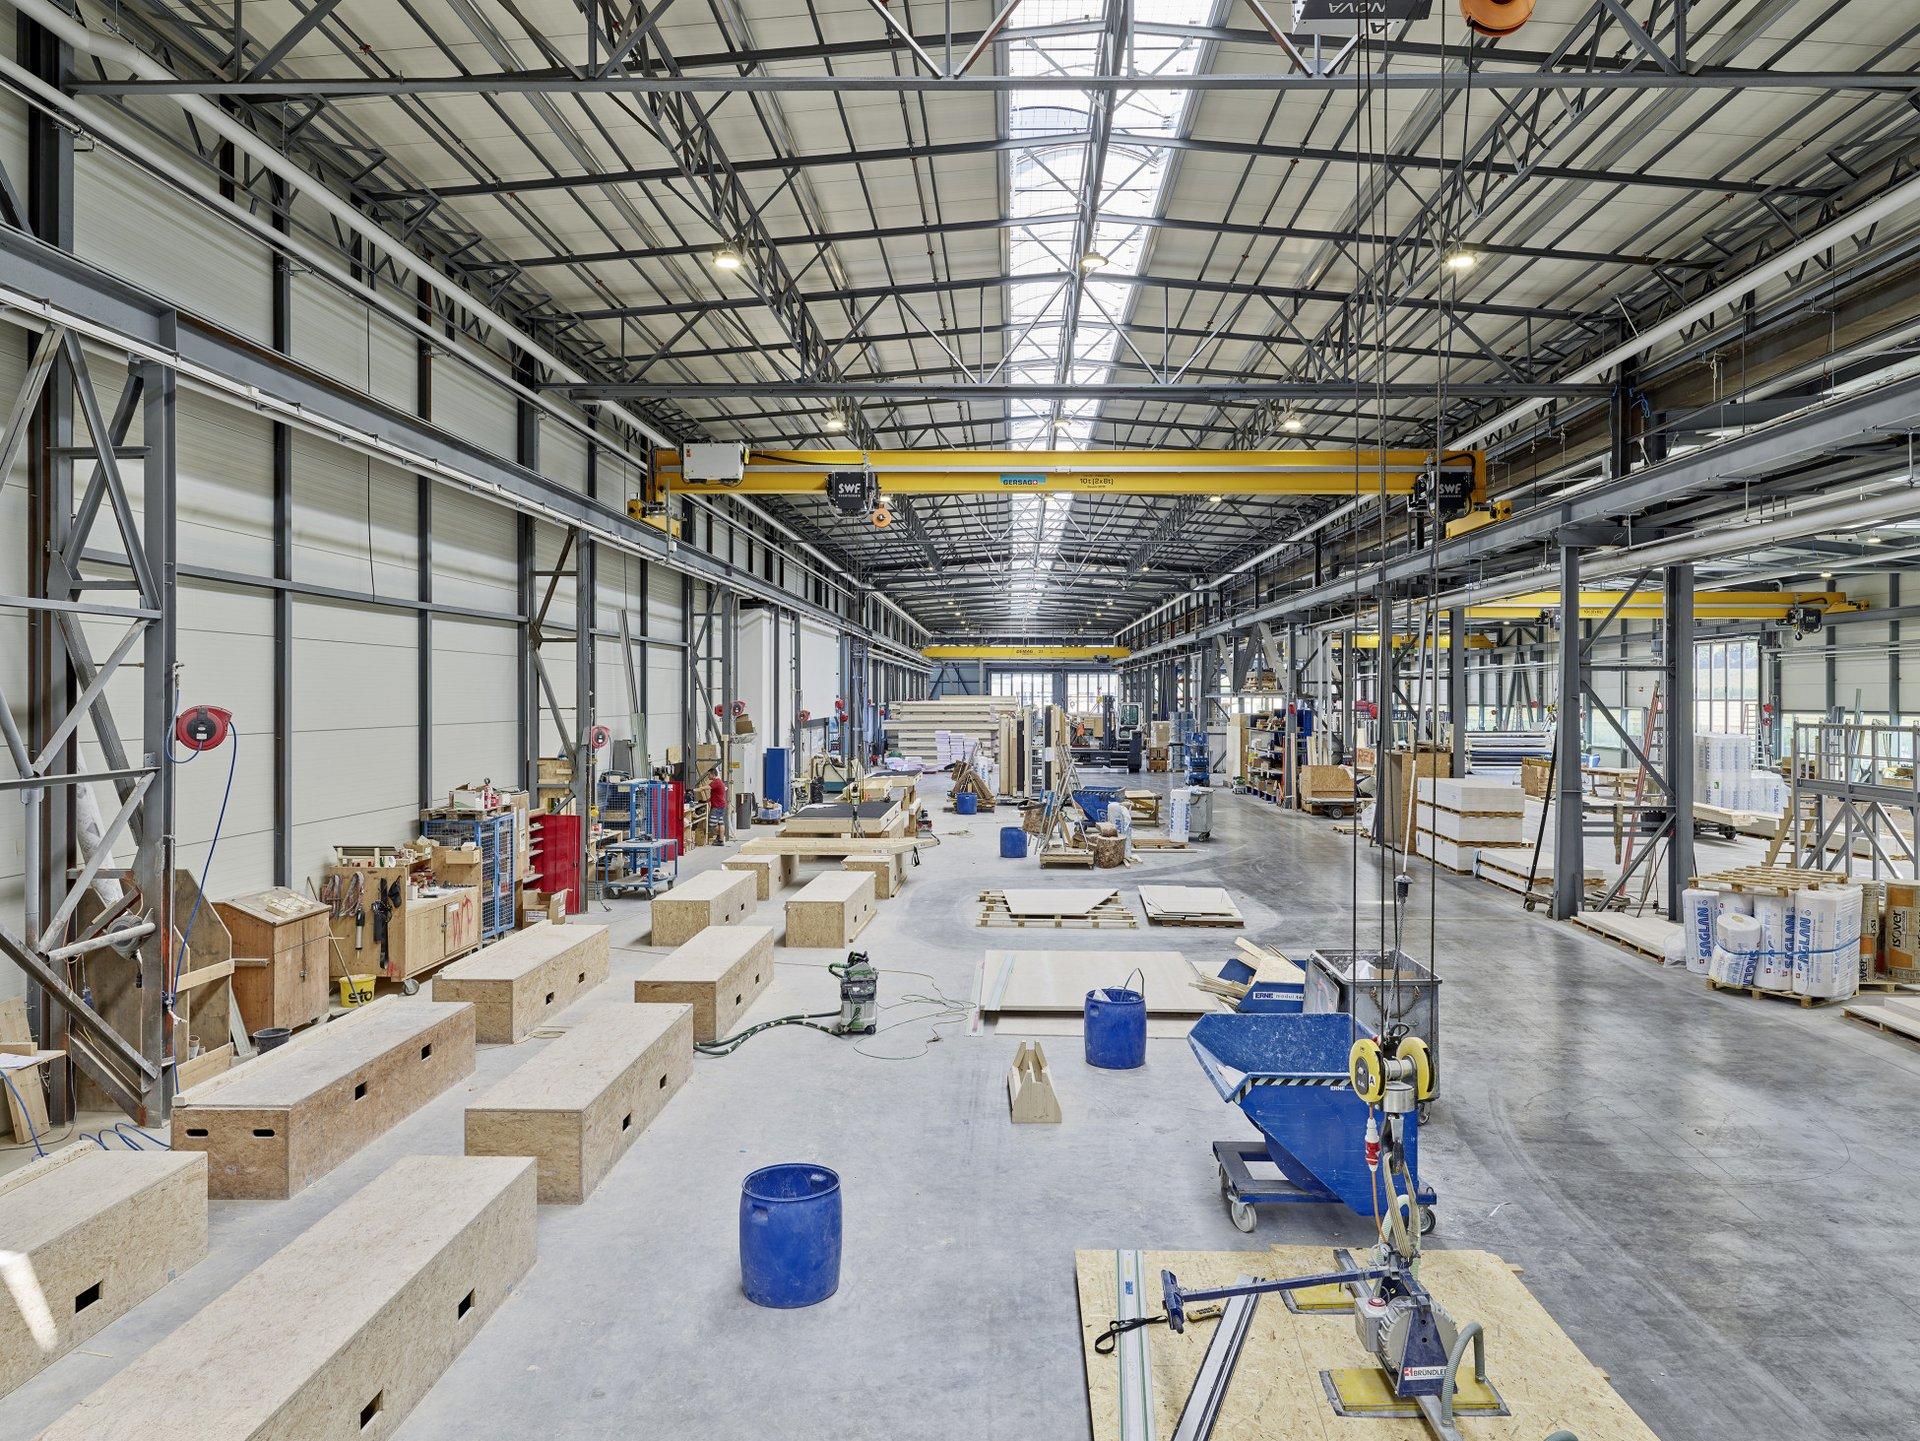 Einblick in die Produktionshalle wo einzelne fertige Elemente zwischen blauen Tonnen und Werkzeugen zur Weiterverarbeitung stehen